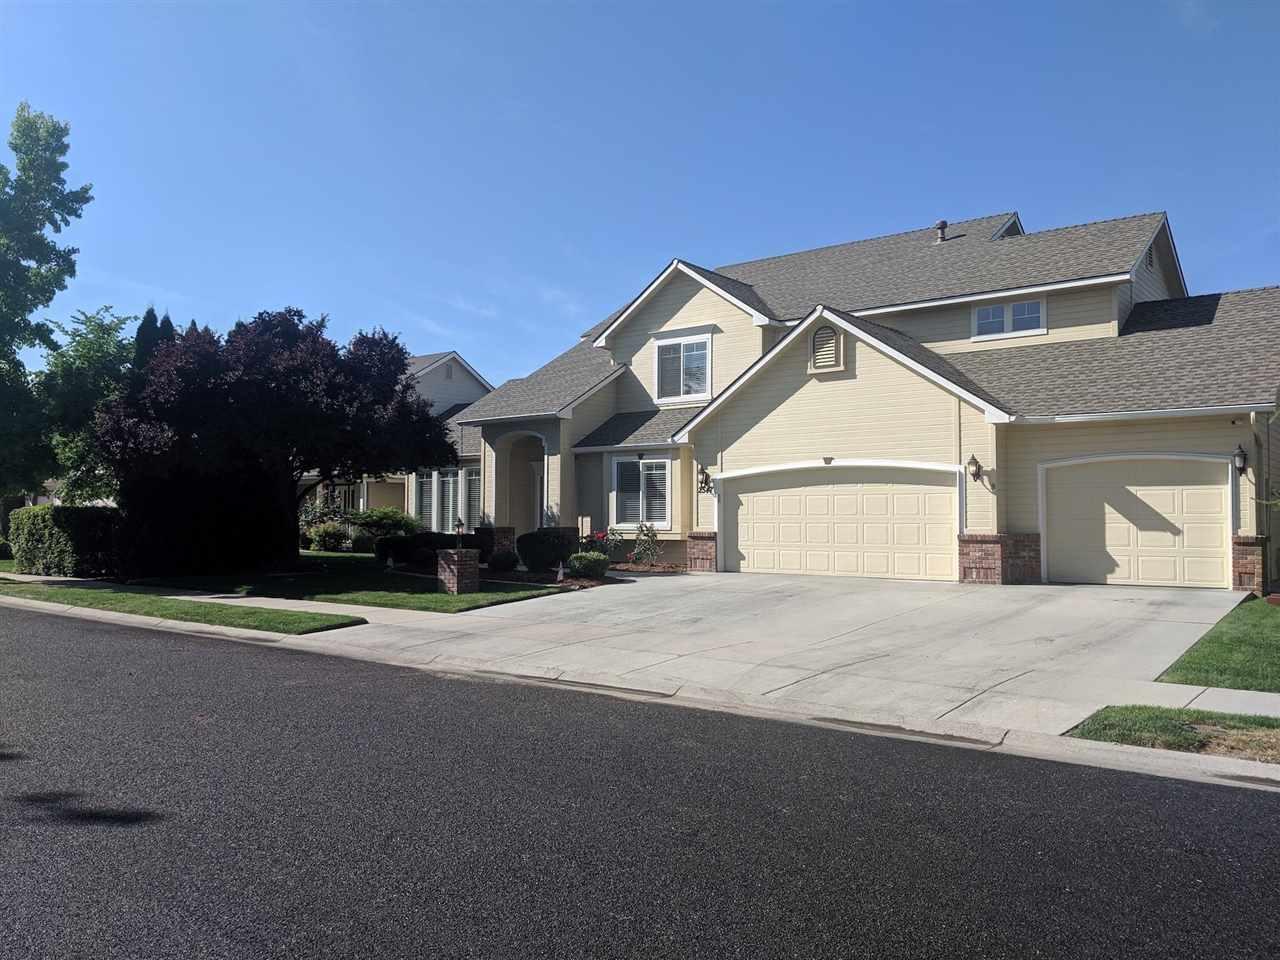 2547 N Crooked Creek Way, Meridian ID 83646